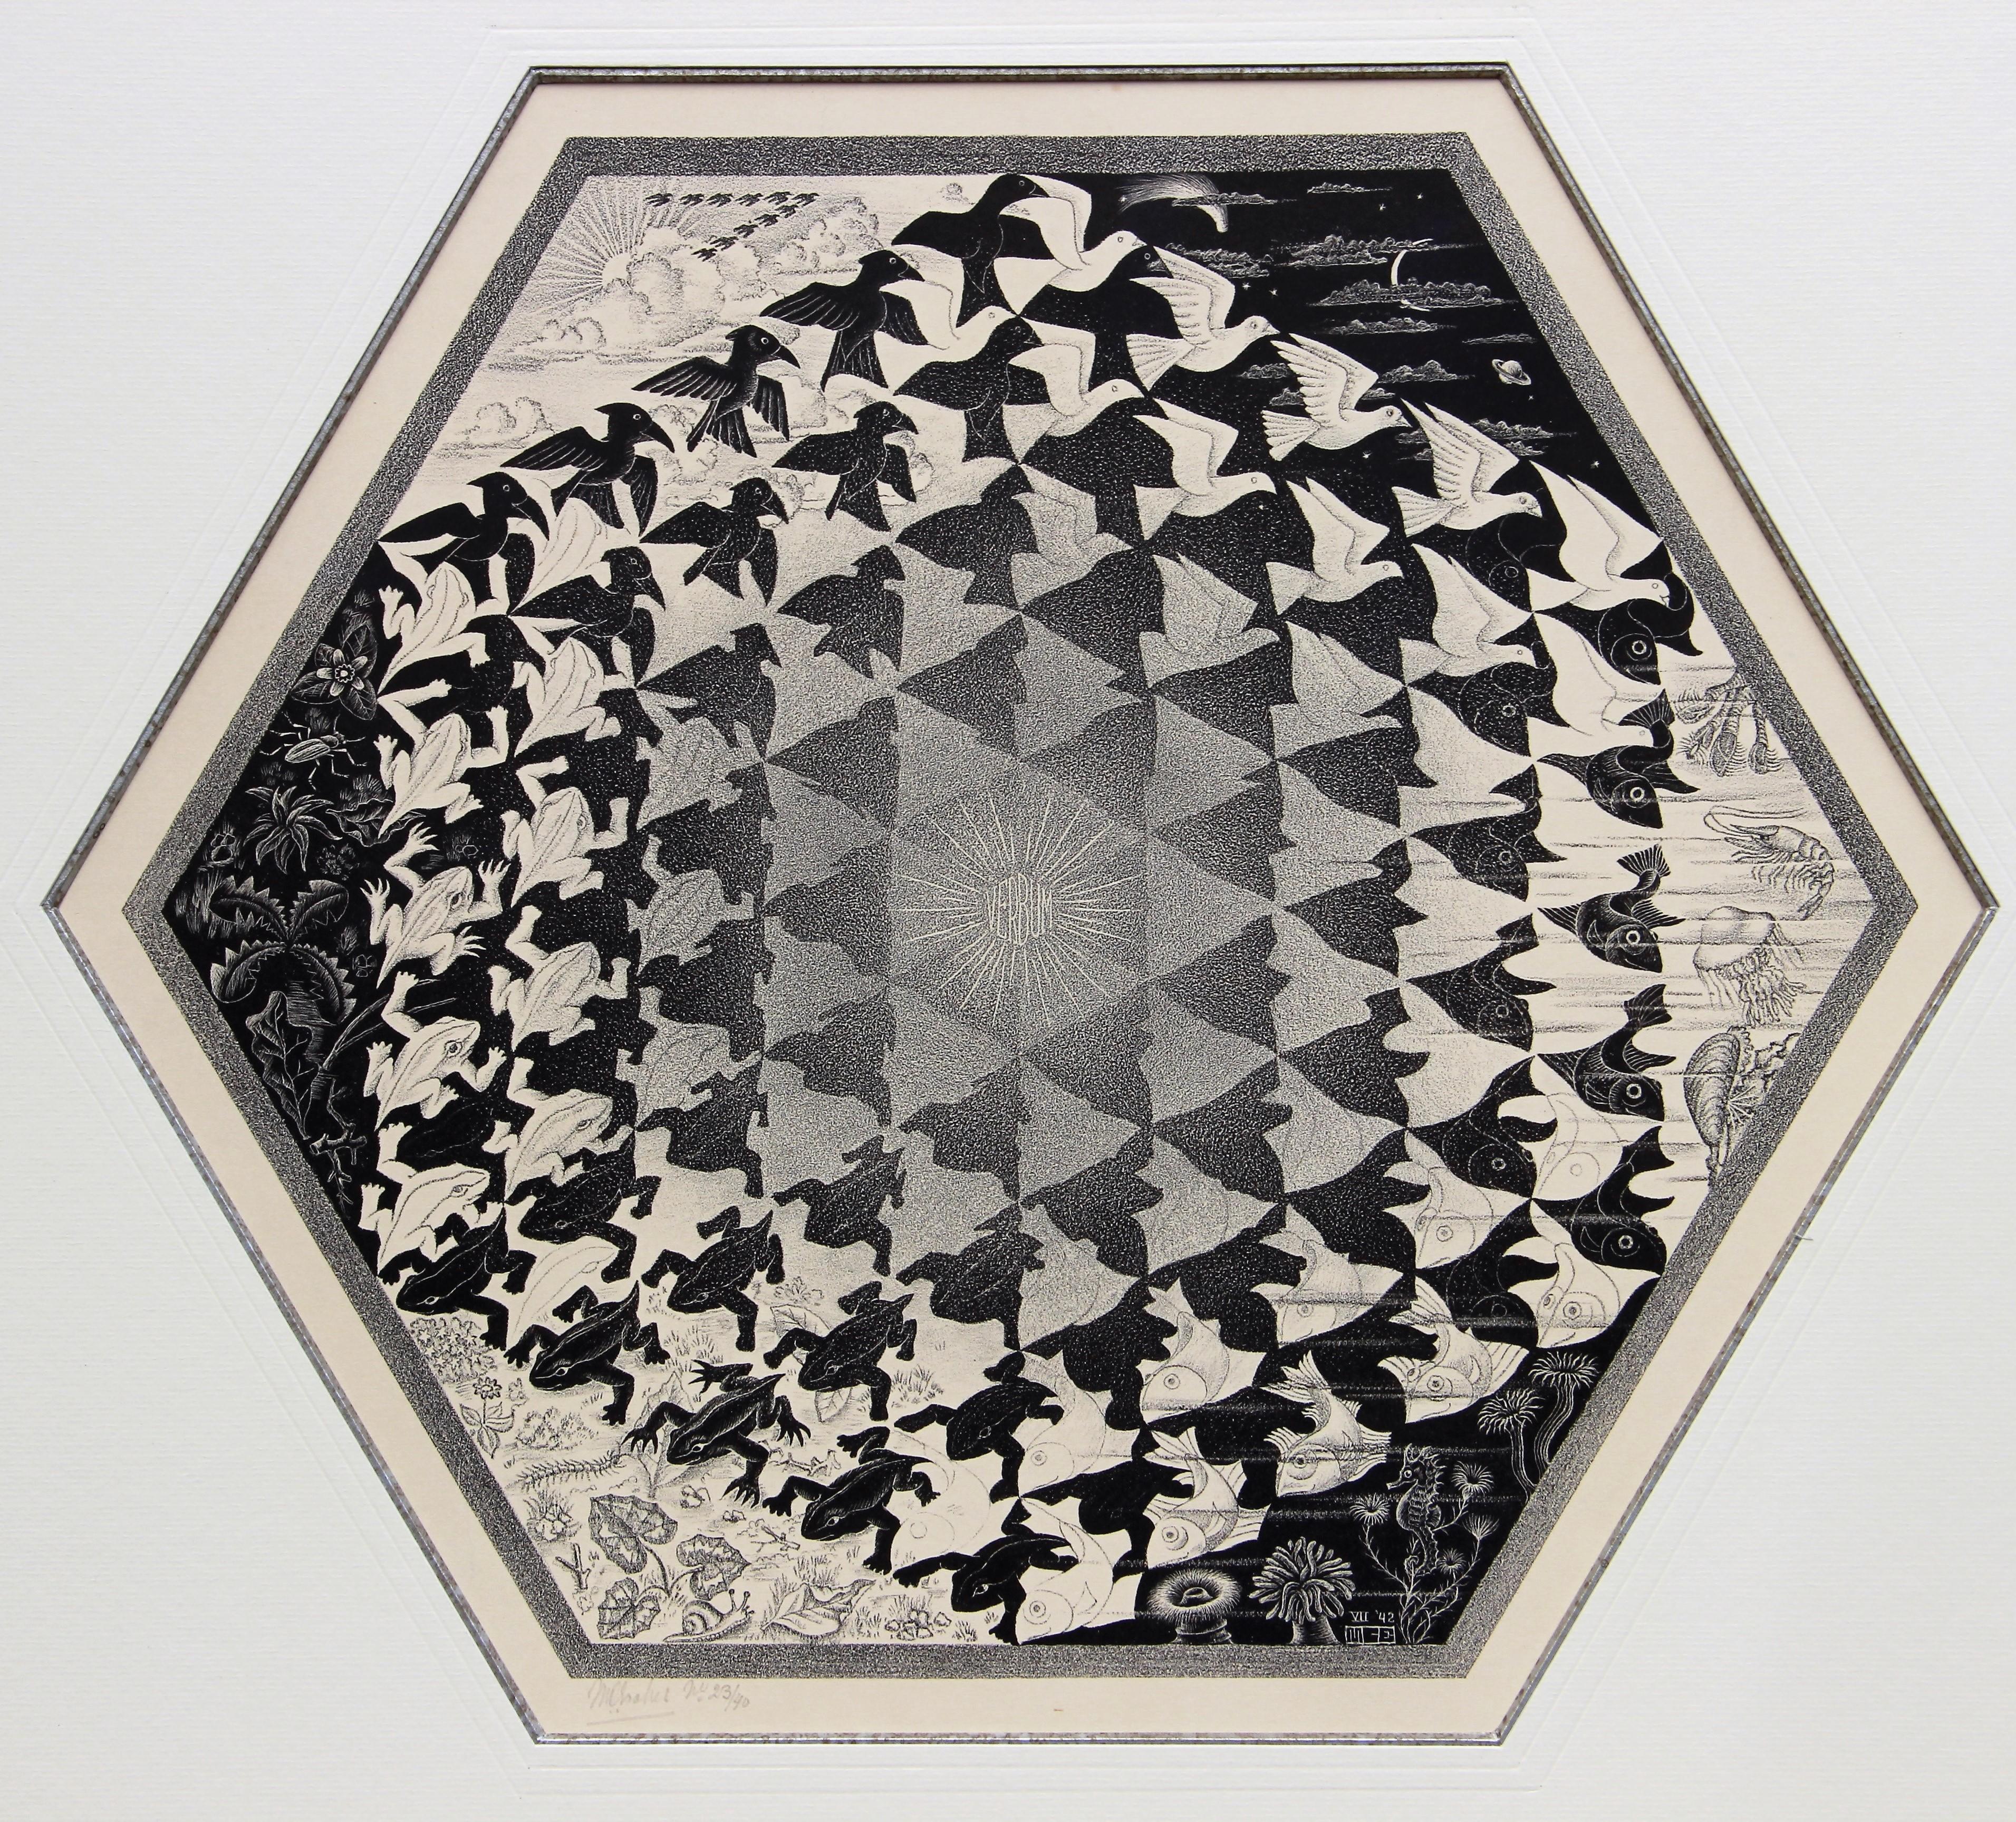 Verbum- Maurits Cornelis Escher